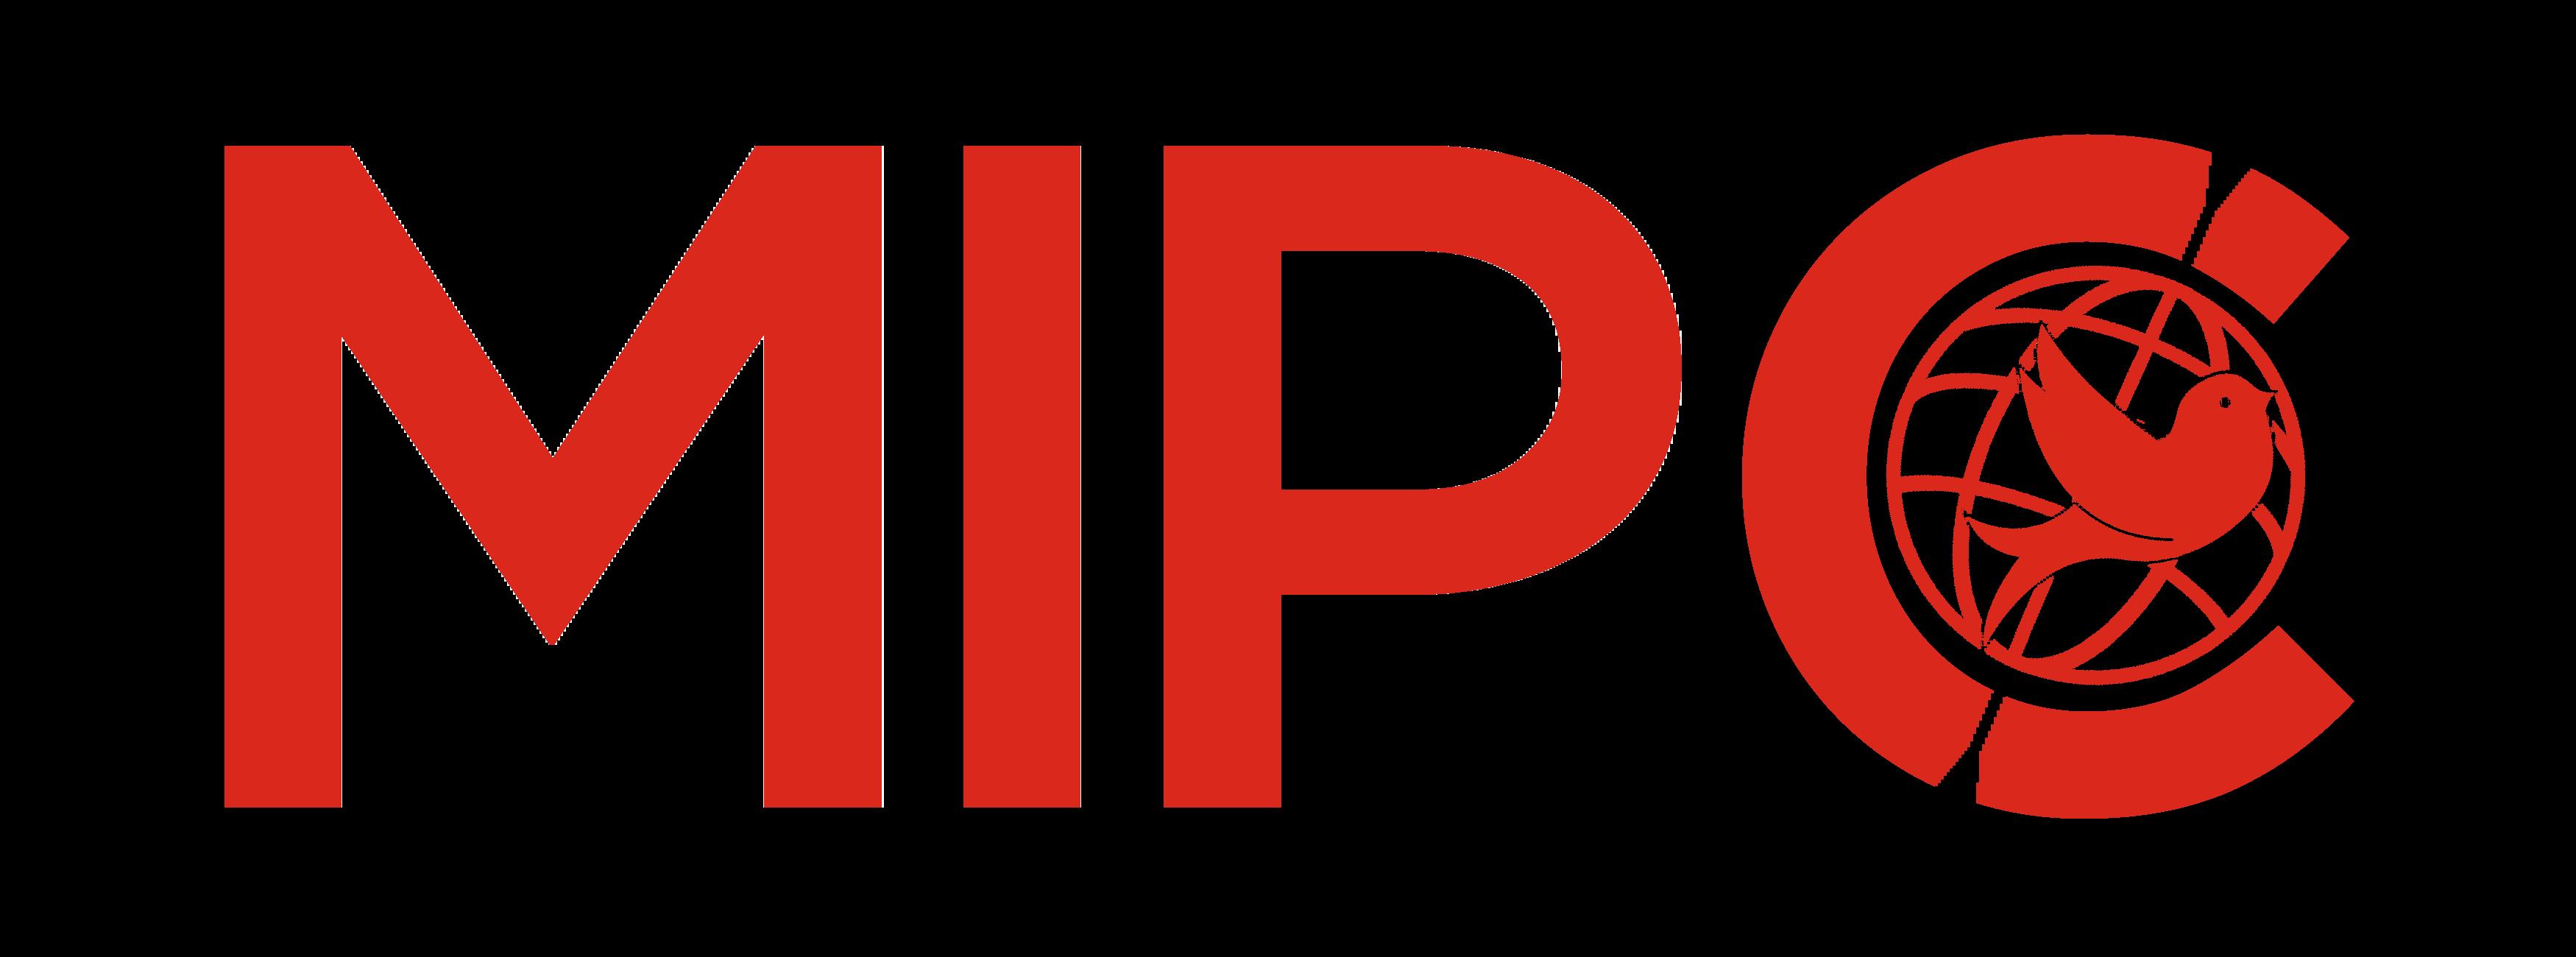 MIPC 2019